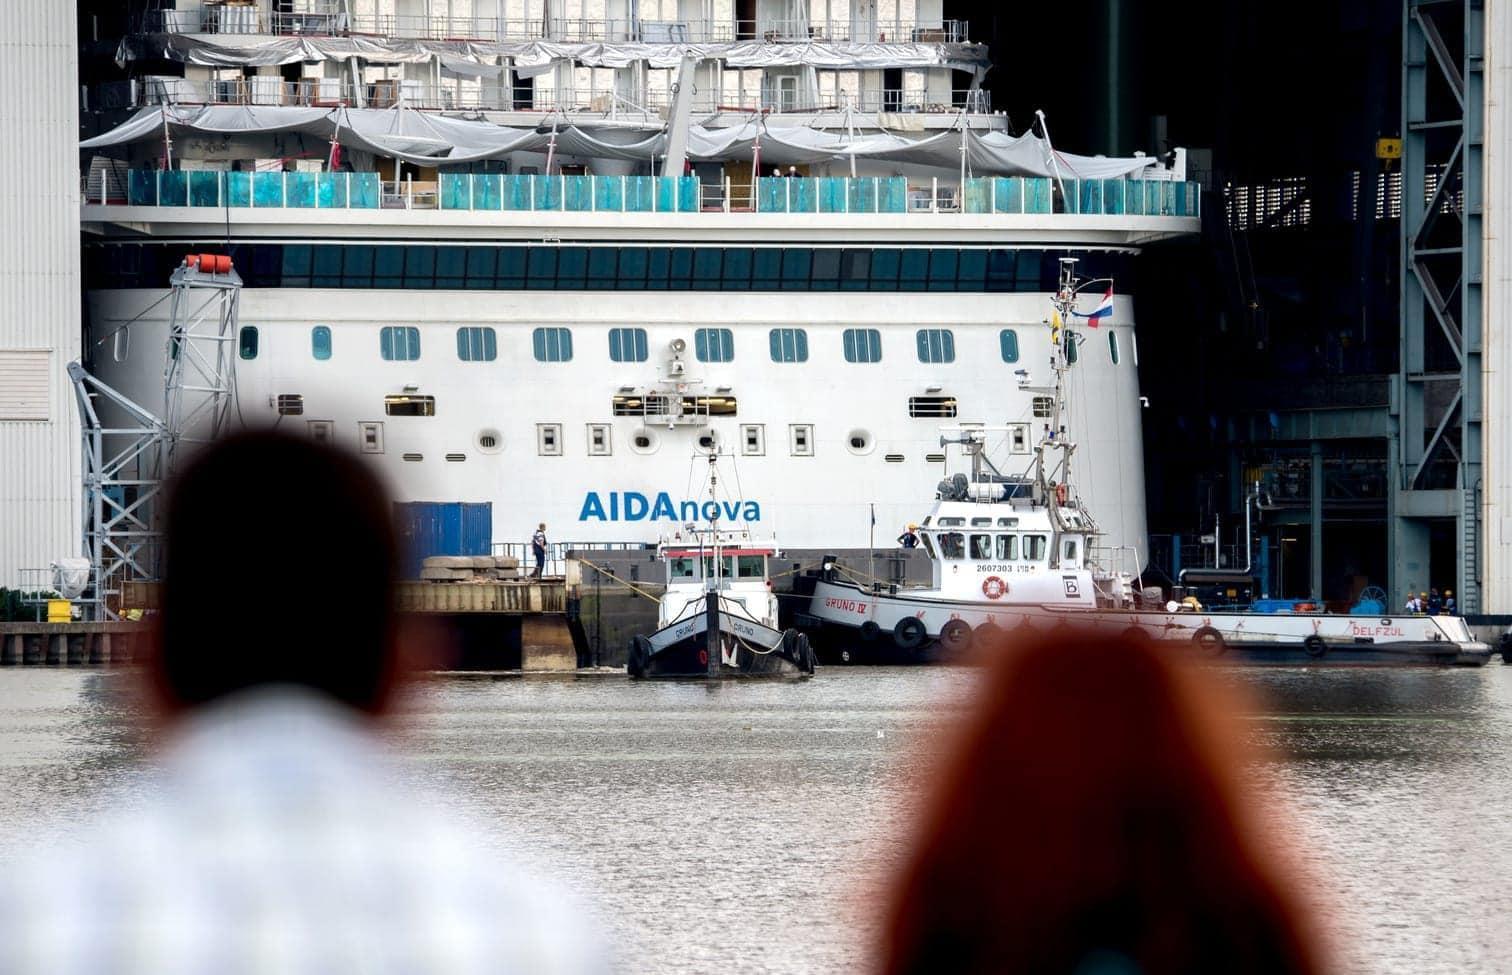 <p>Das 337 Meter lange und 42 Meter breite Schiff mit mehr als 2600 Passagierkabinen hatte das Baudock vergangene Woche verlassen.</p> Foto: dpa